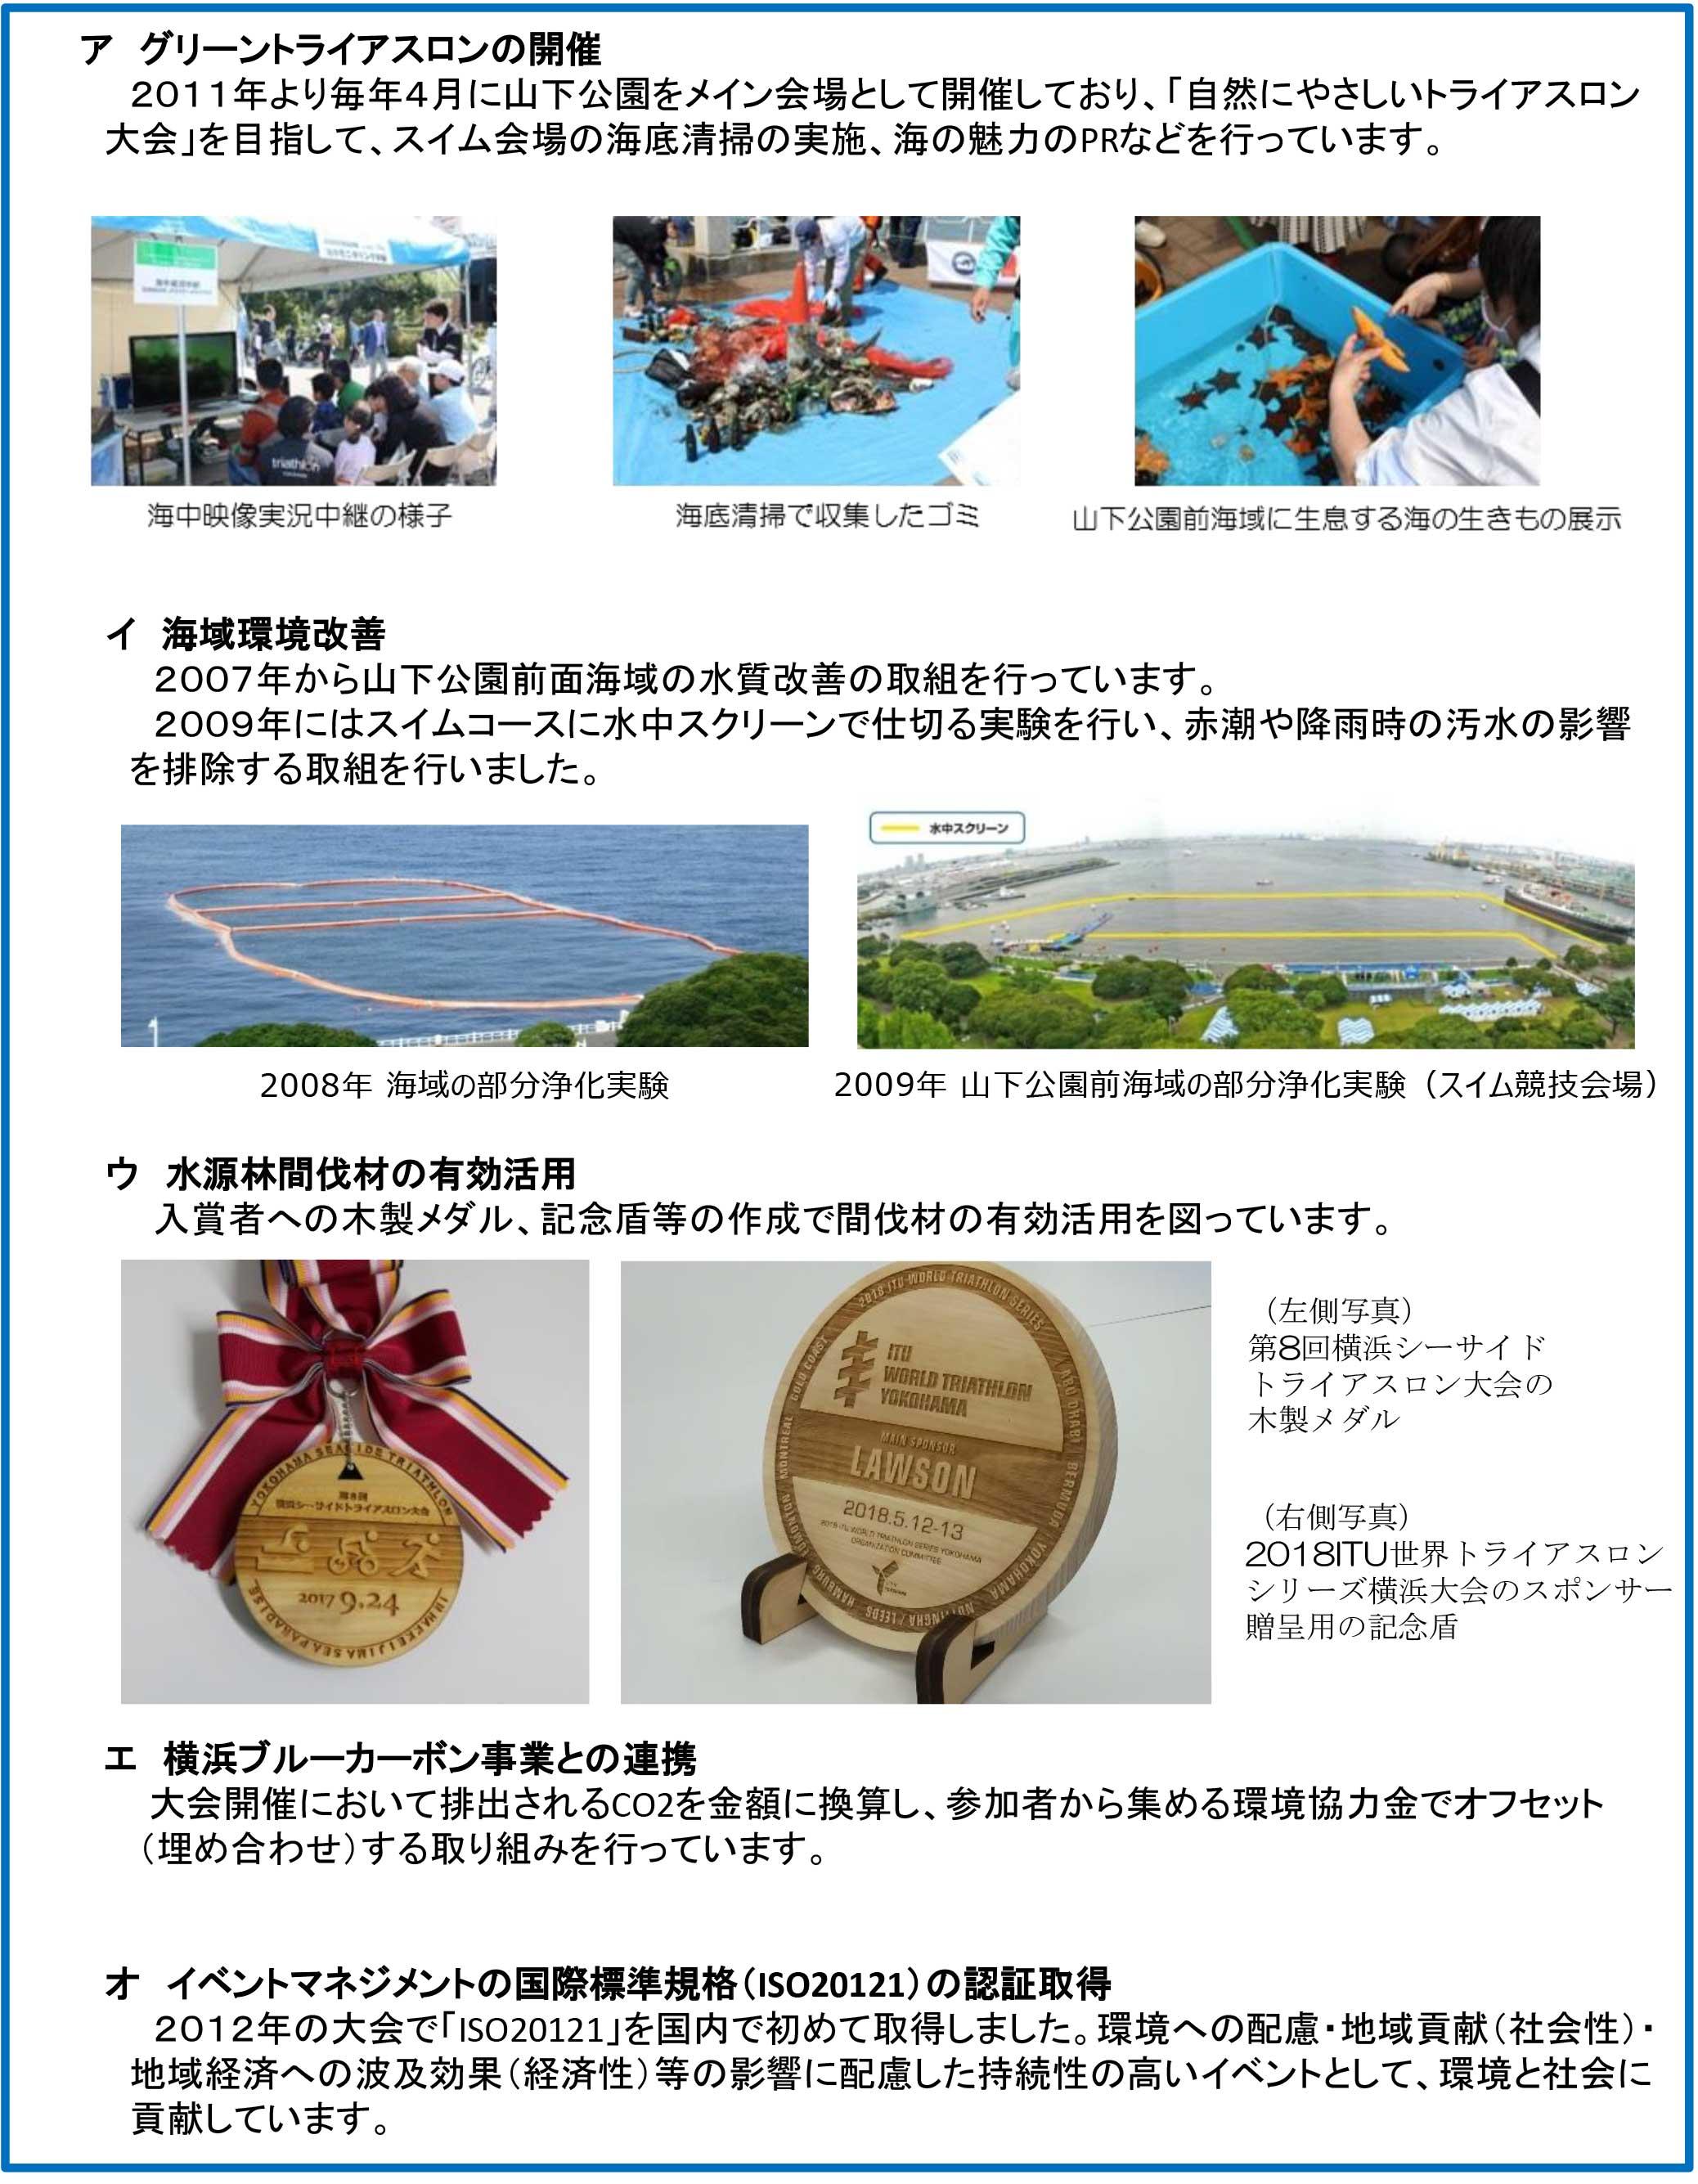 OCAスポーツと環境大賞